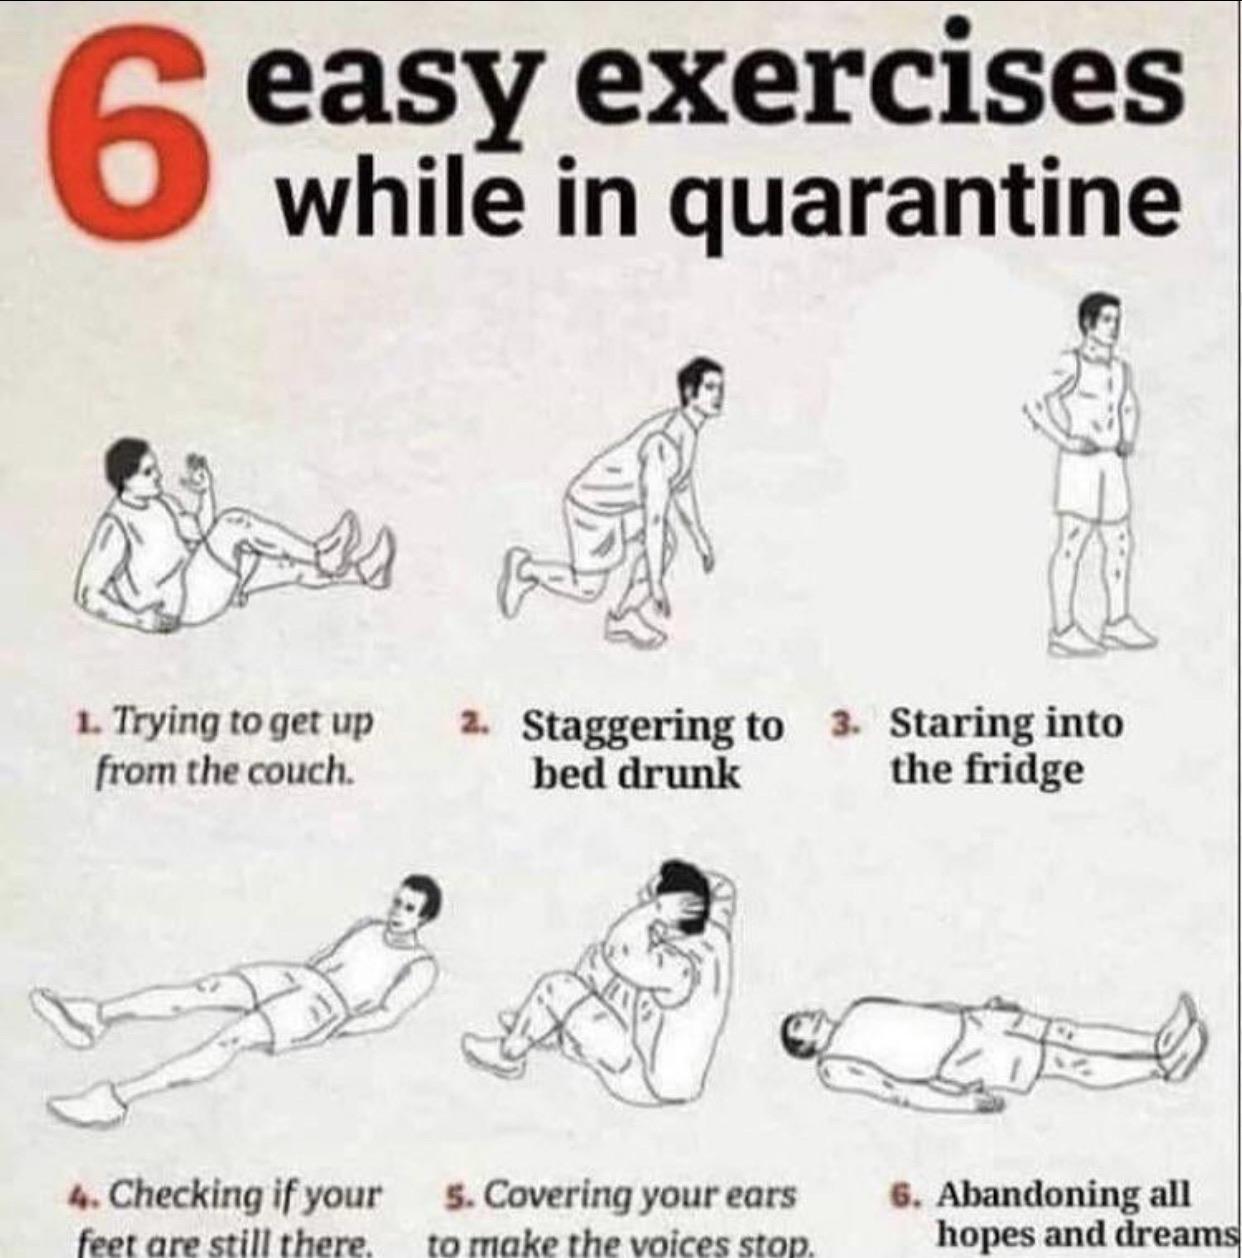 corona-exercises